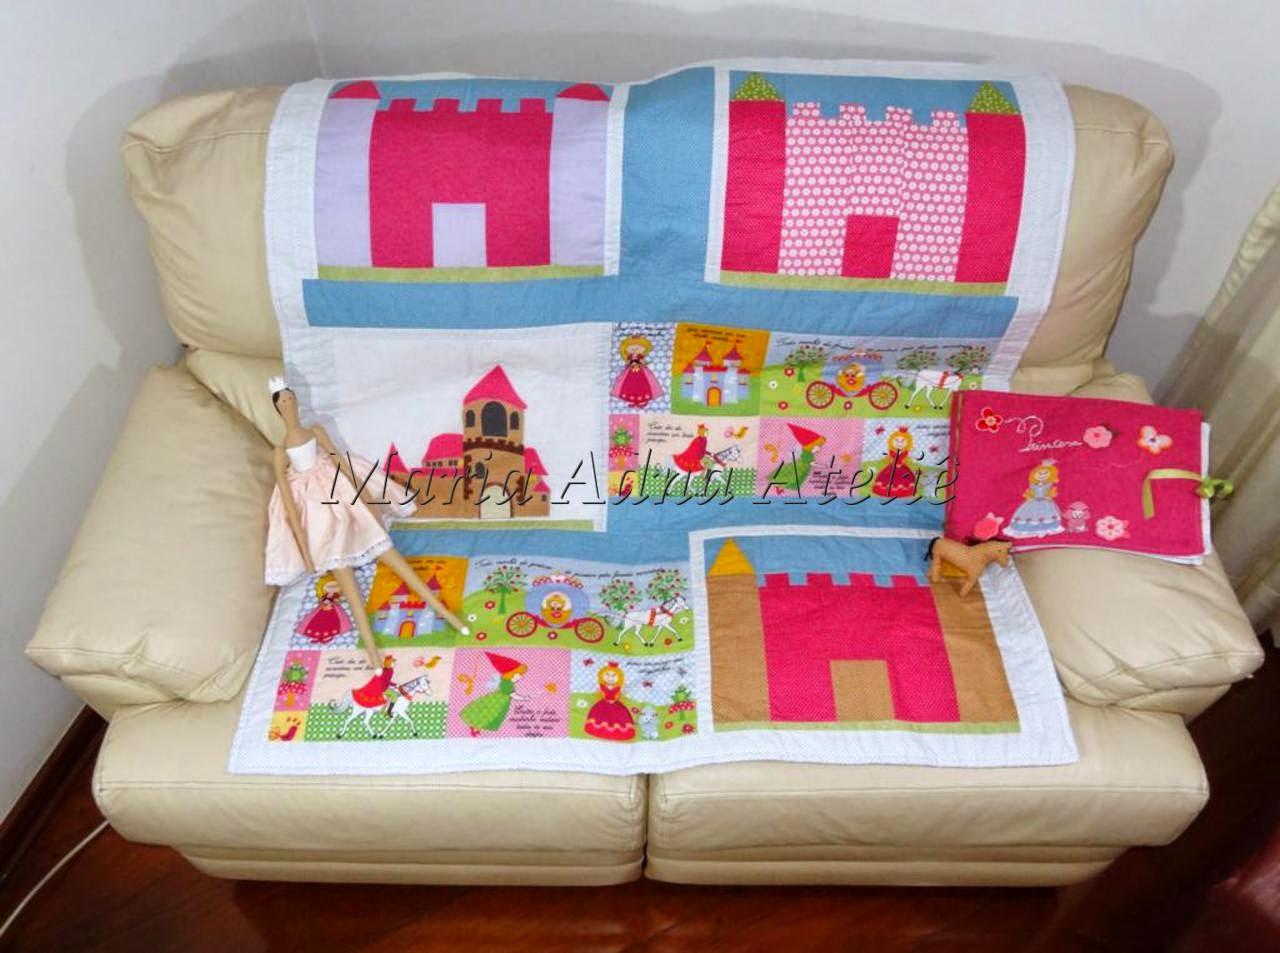 Manta infantil, patchwork, apliquê, Videos patchwork, Vídeos apliquê, Trabalhos publicados em revistas, Mantas, Mantas infantis, Mantas em patchwork e apliquê, Mantas infantis em patchwork e apliquê, Mantas infantis em patchwok,